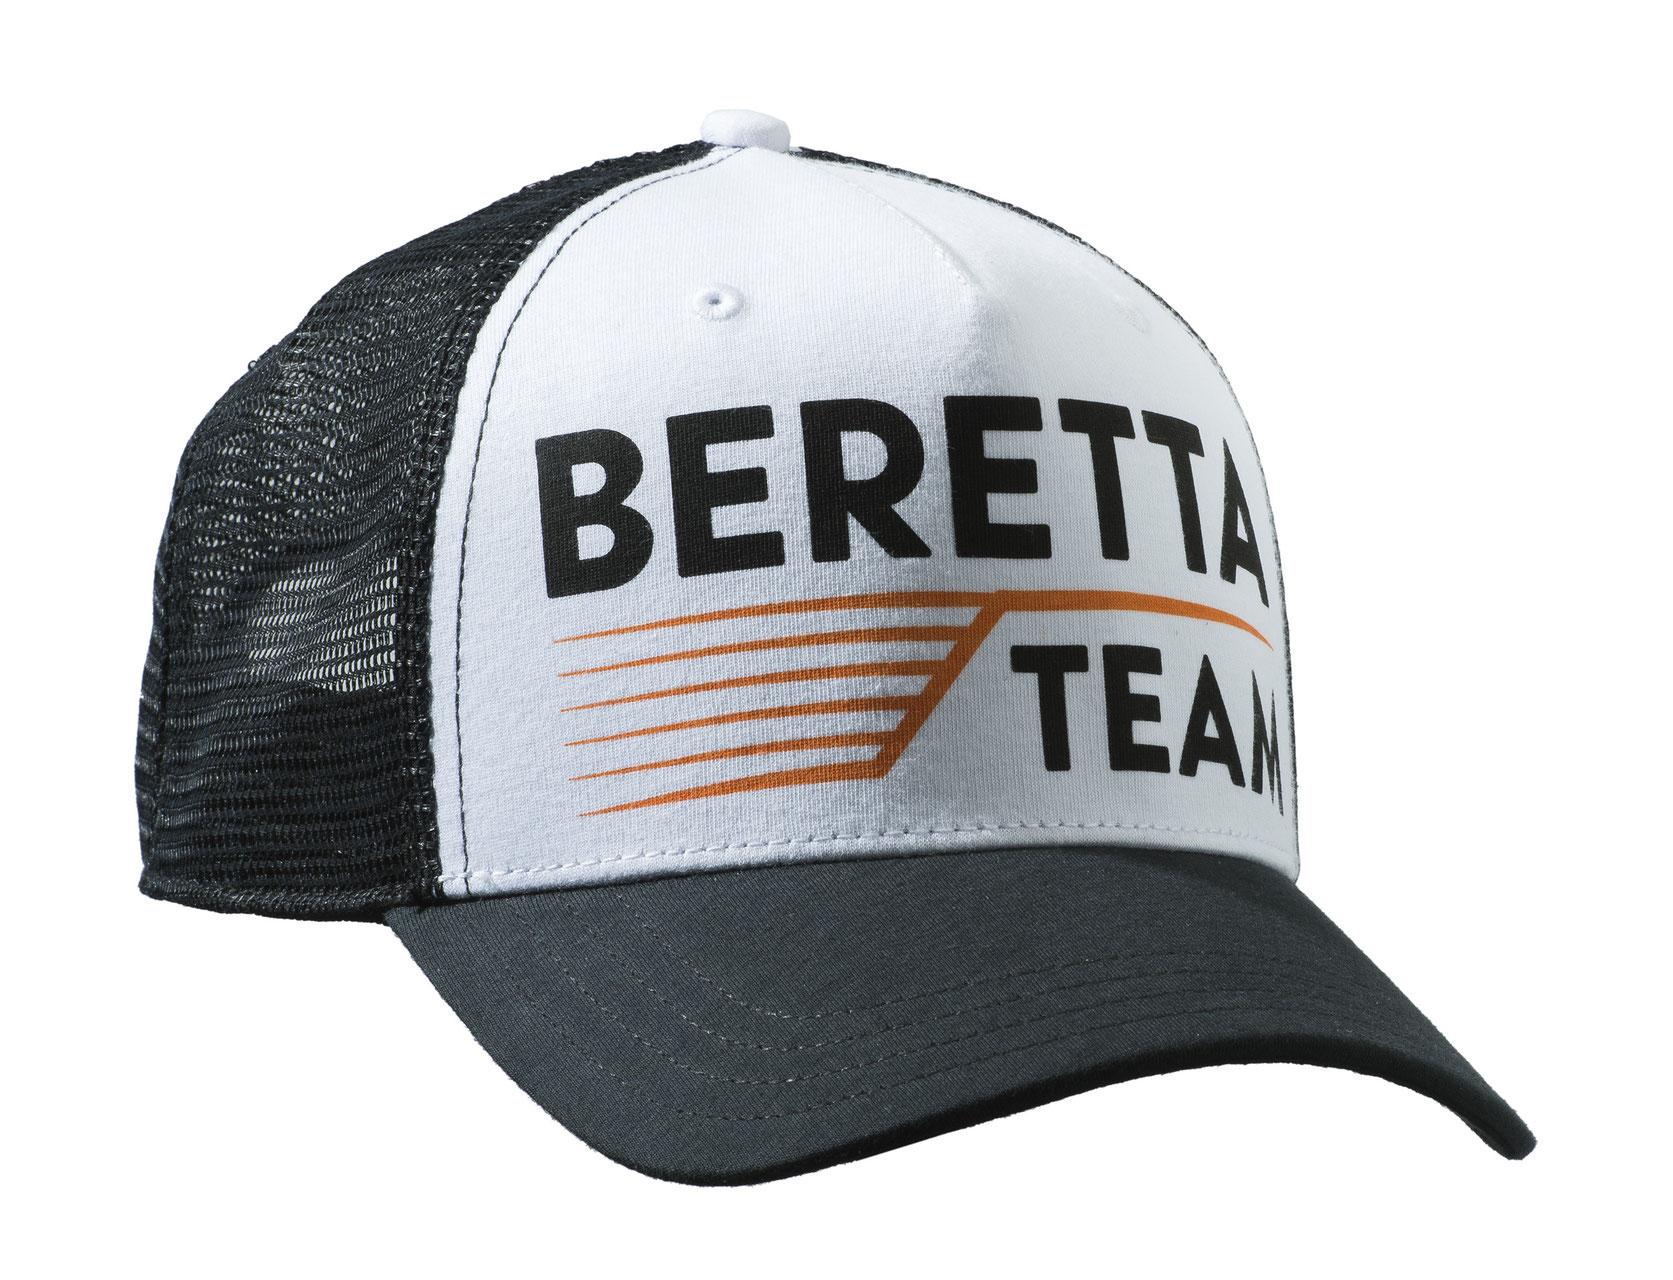 Cappello Team Beretta Team Cap codice BT051 Bianco e Nero. Cappello  baseball in cotone con ... 9644fae9566b